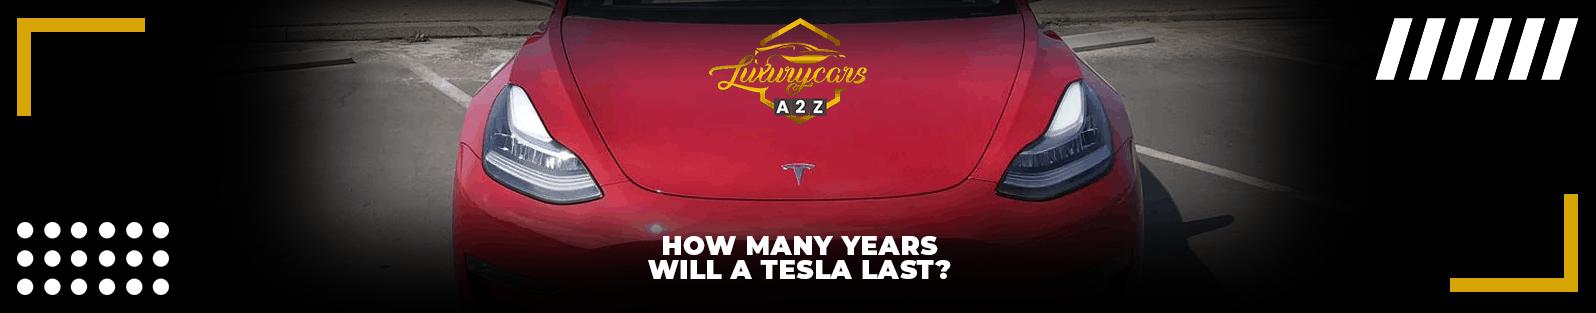 Combien d'années durera une Tesla ?